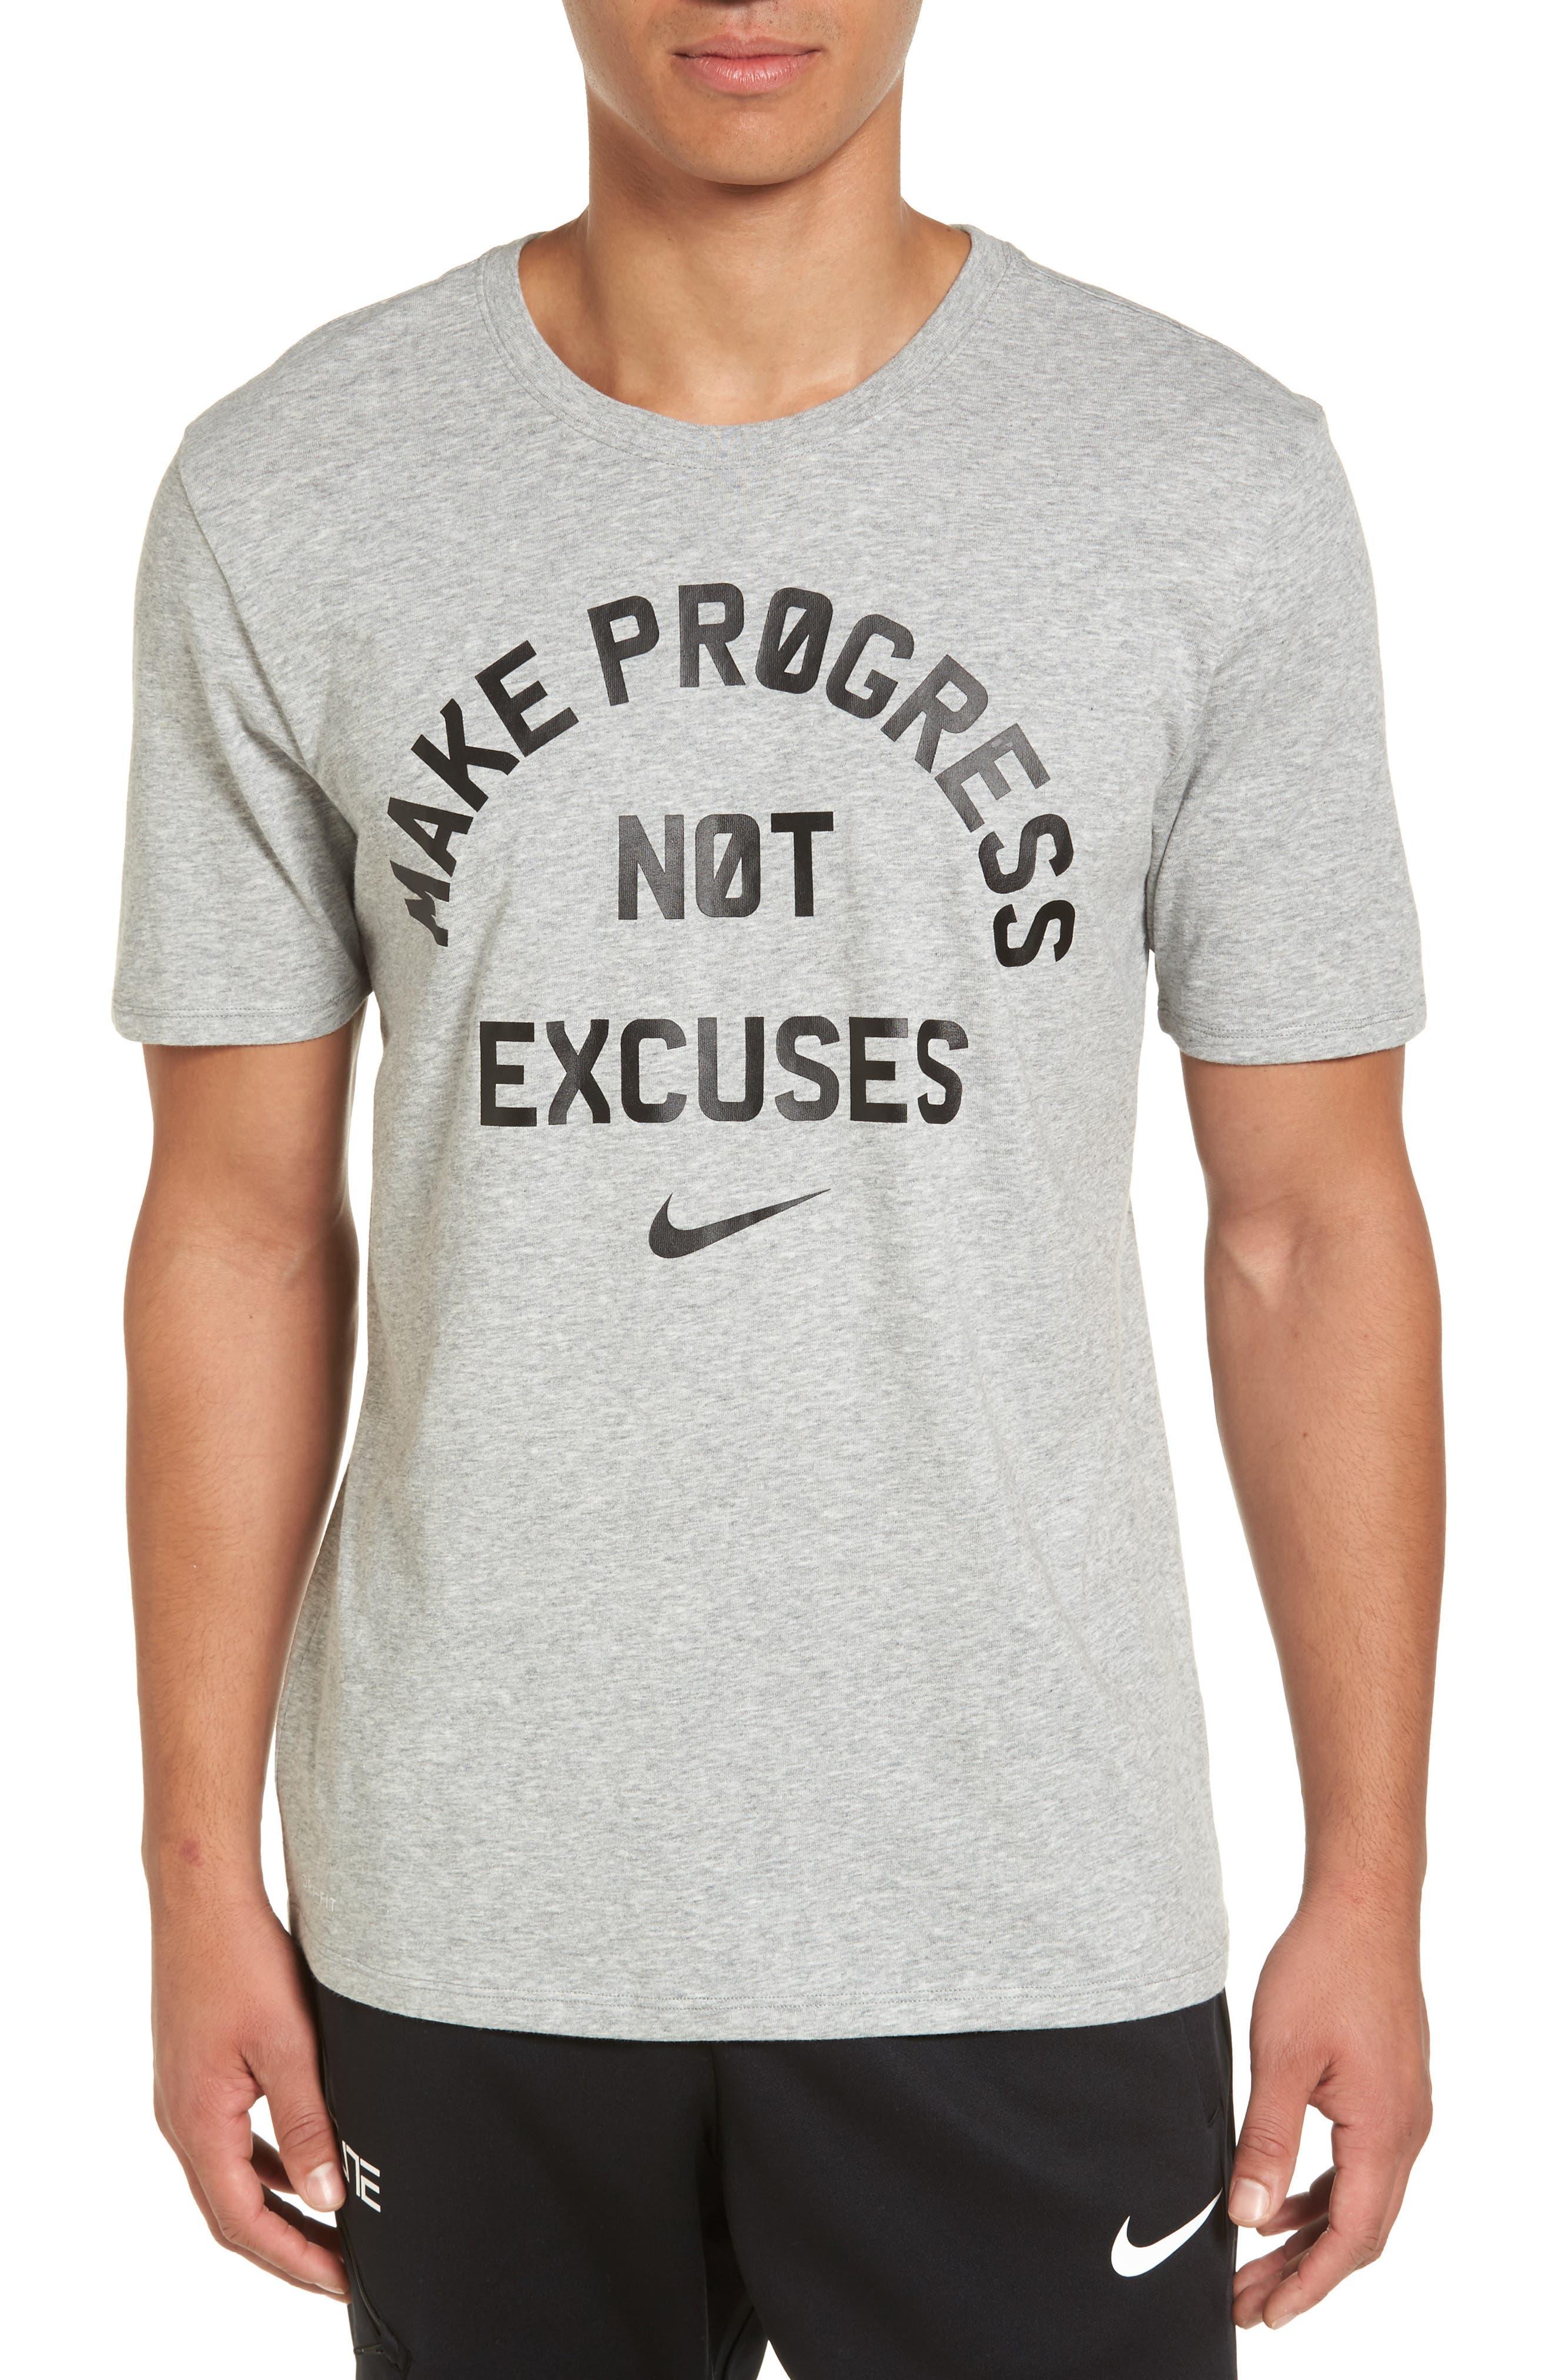 Nike Dry No Excuses Training T-Shirt